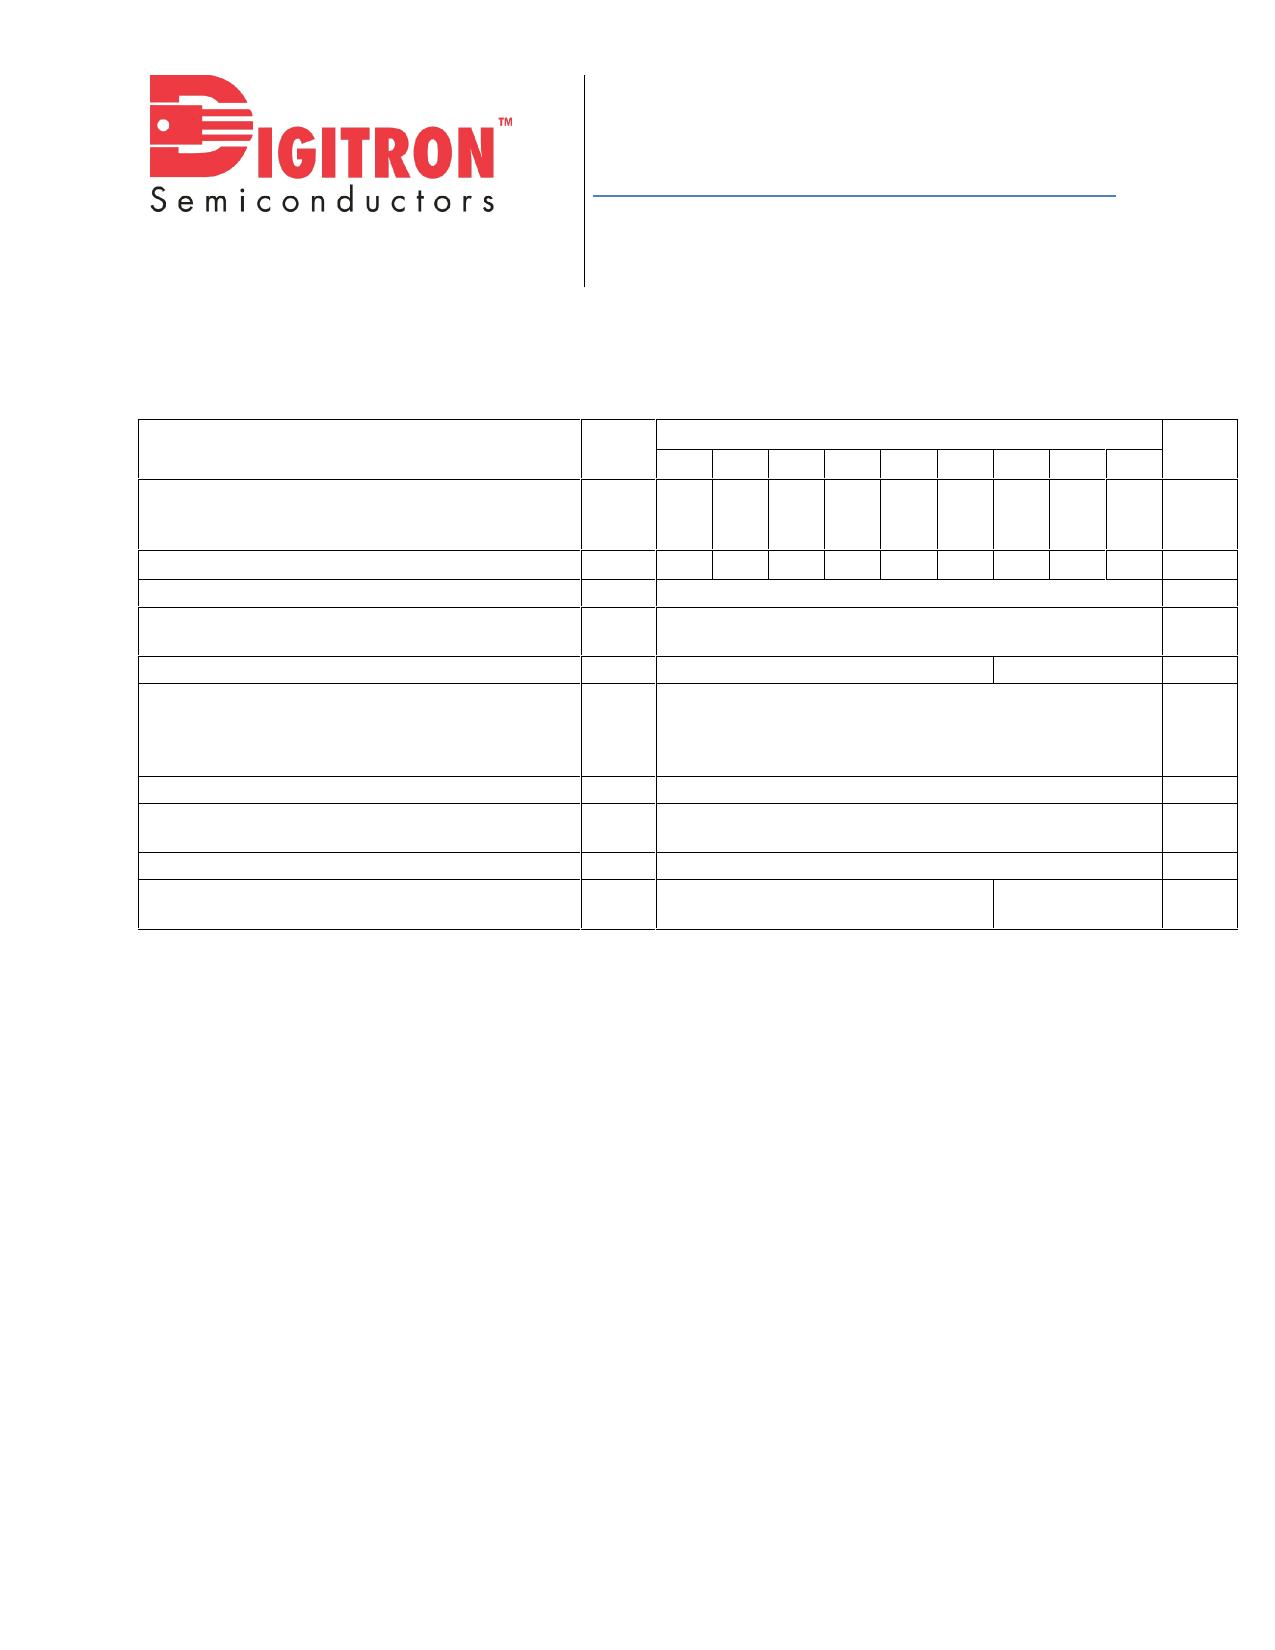 UFR106 데이터시트 및 UFR106 PDF